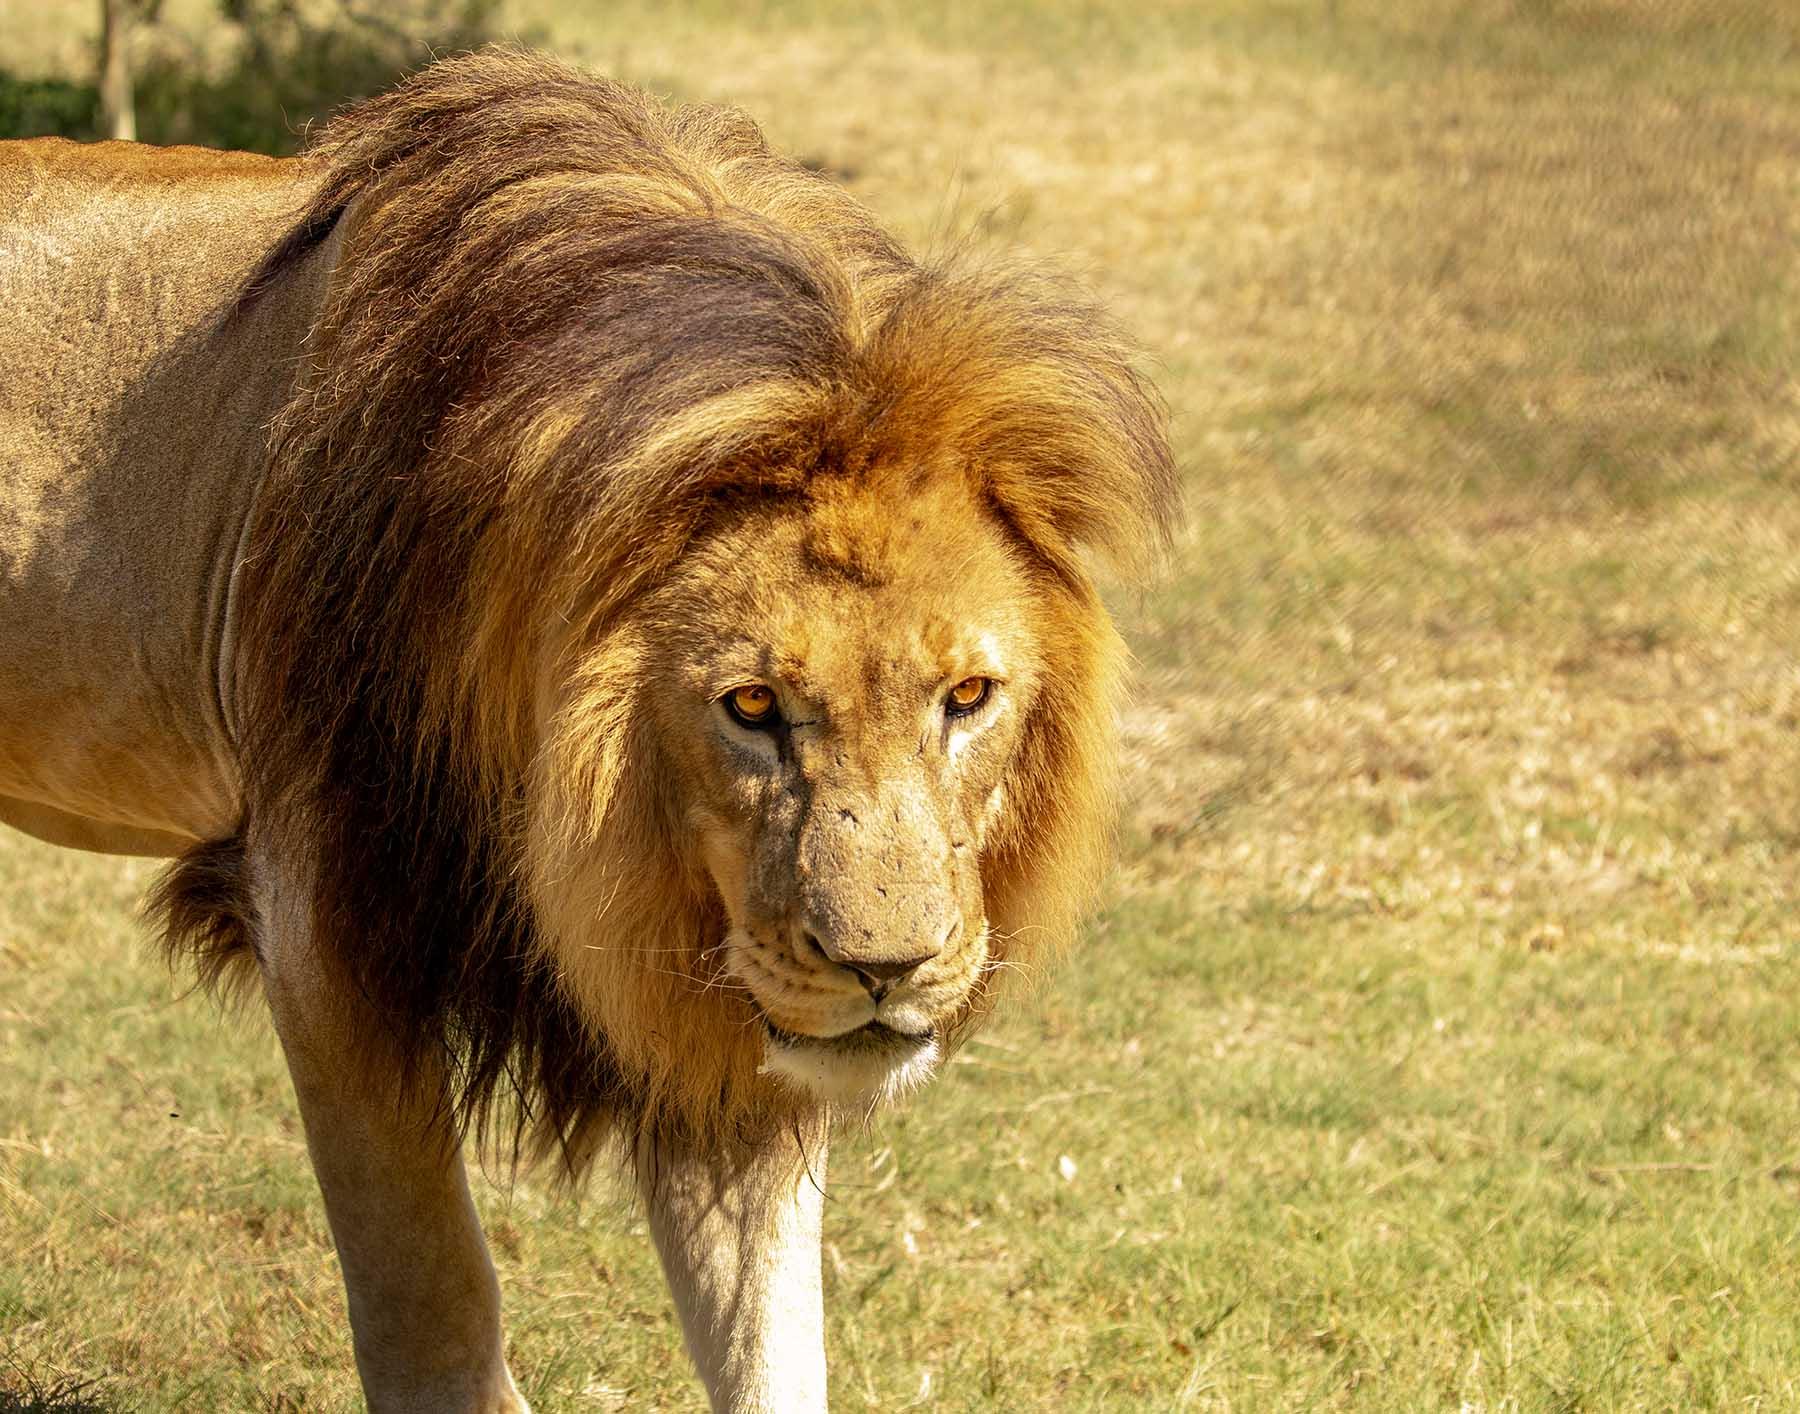 Male_Lion_2